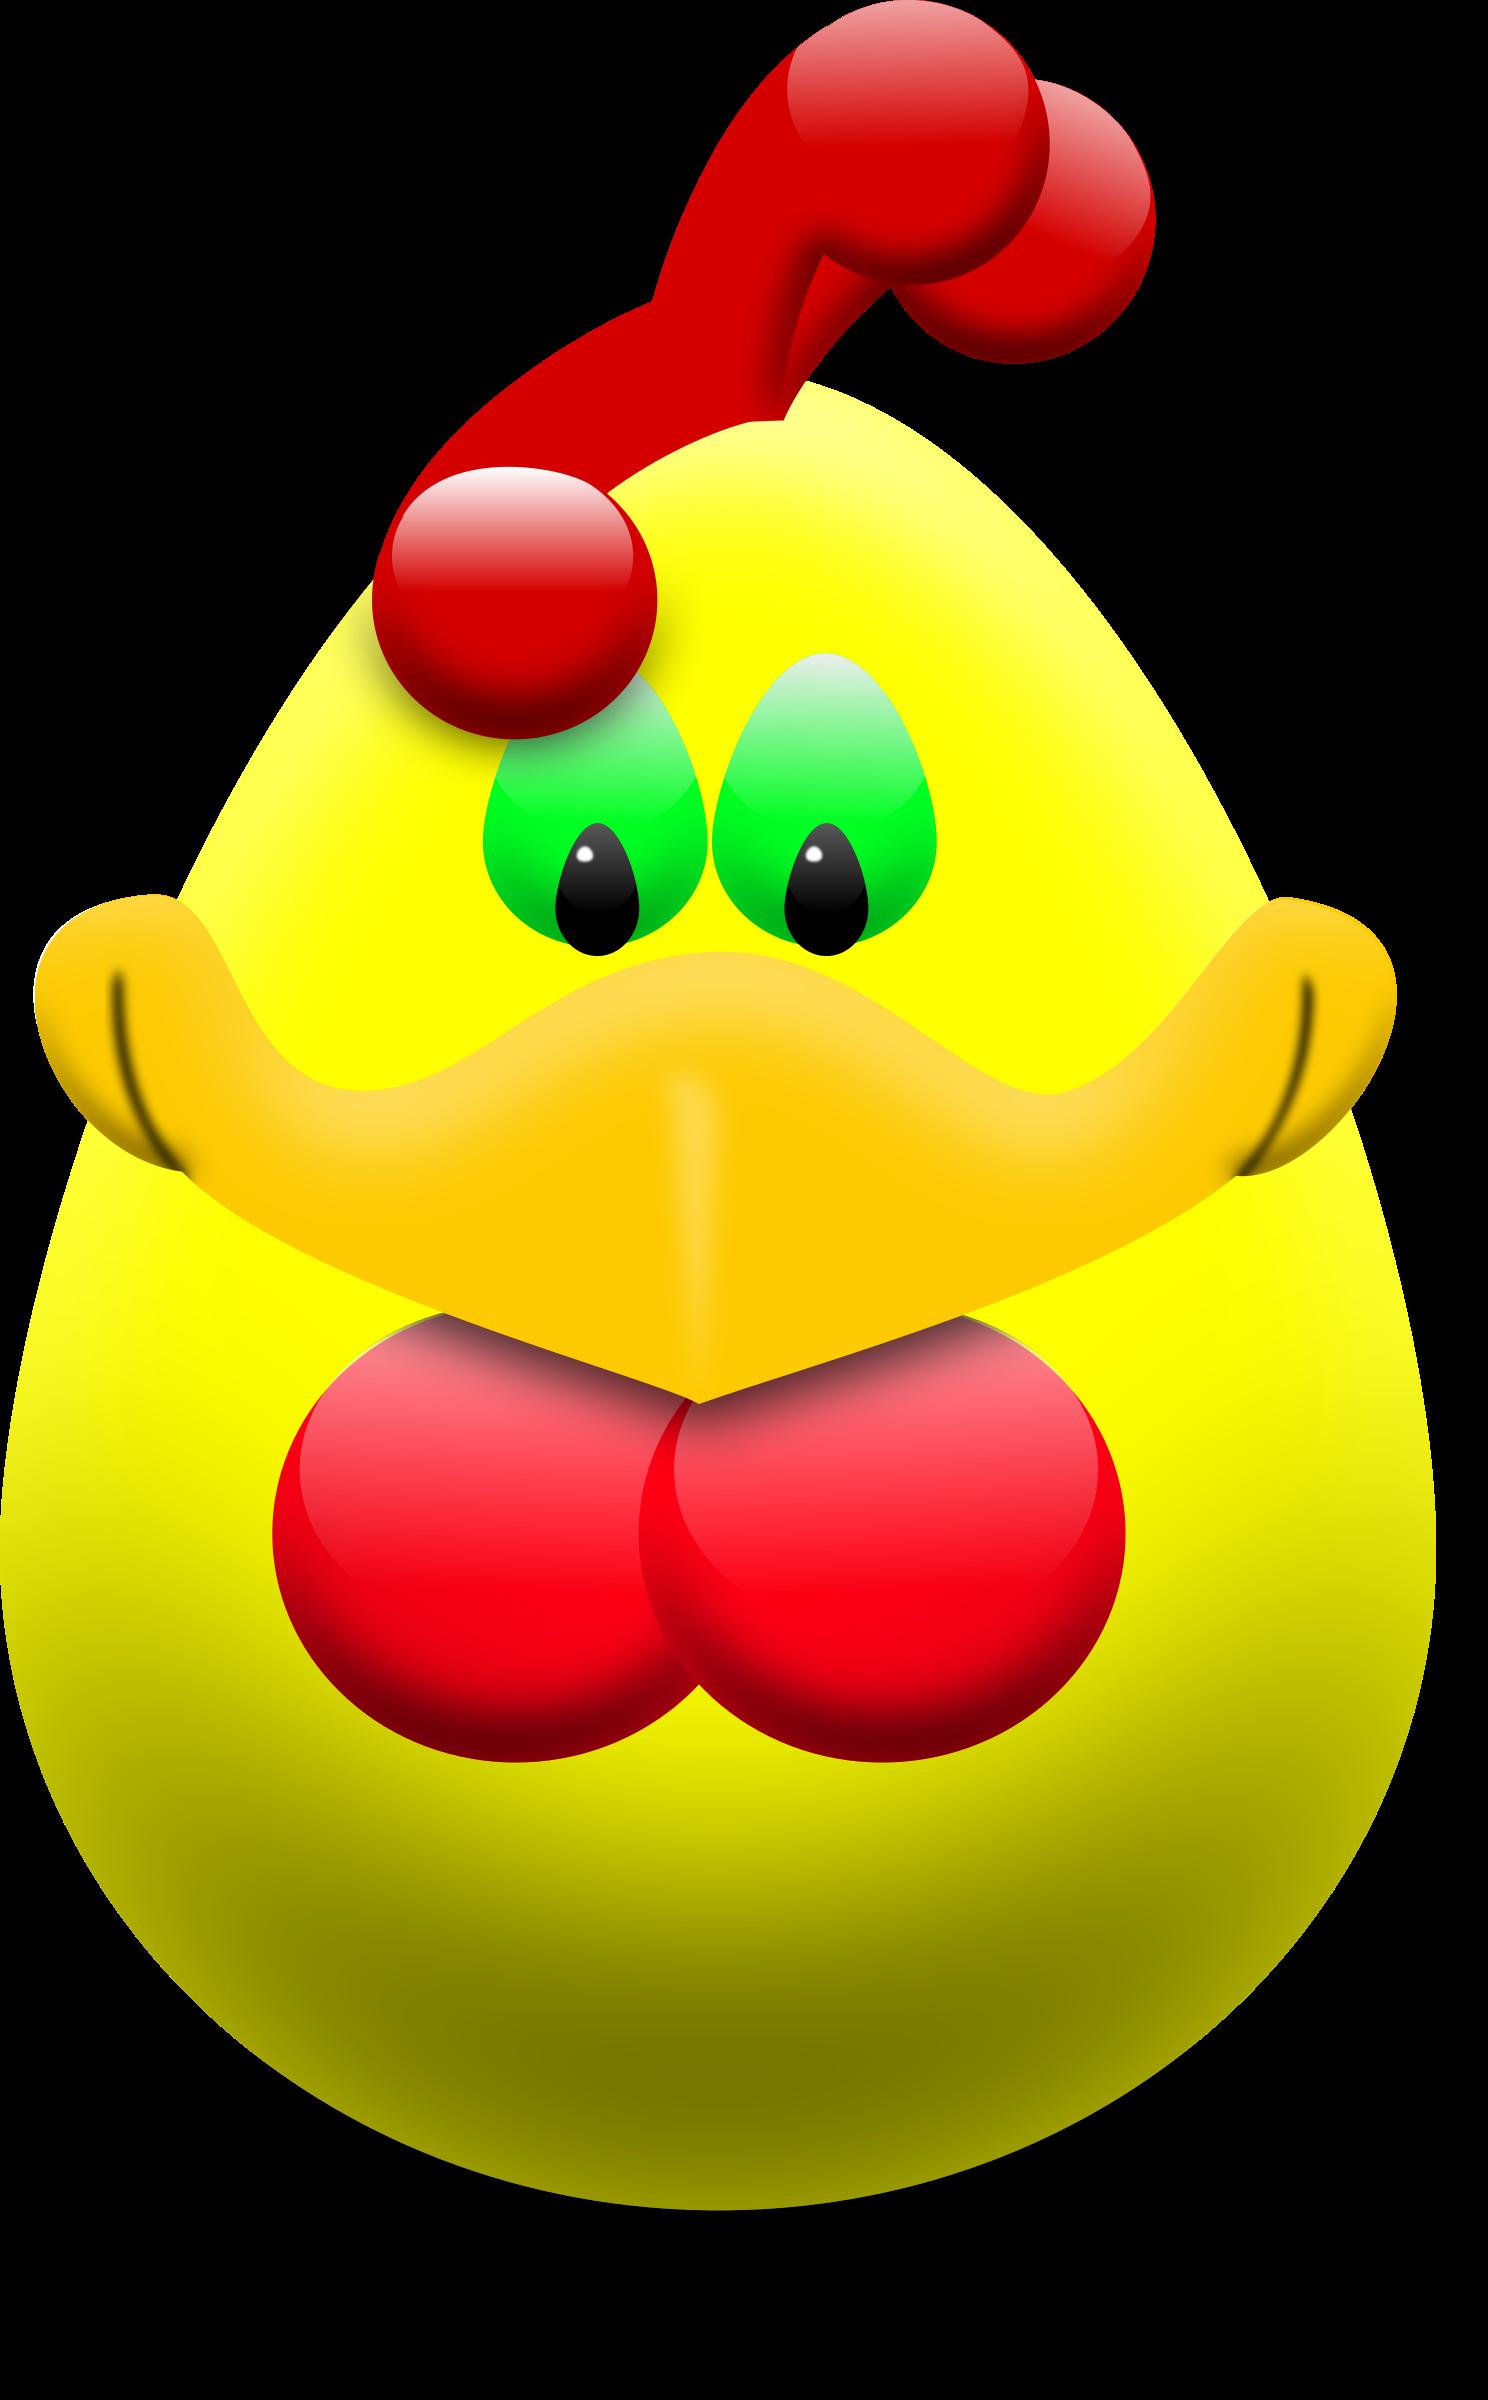 Hen clipart egg. Easter big image png